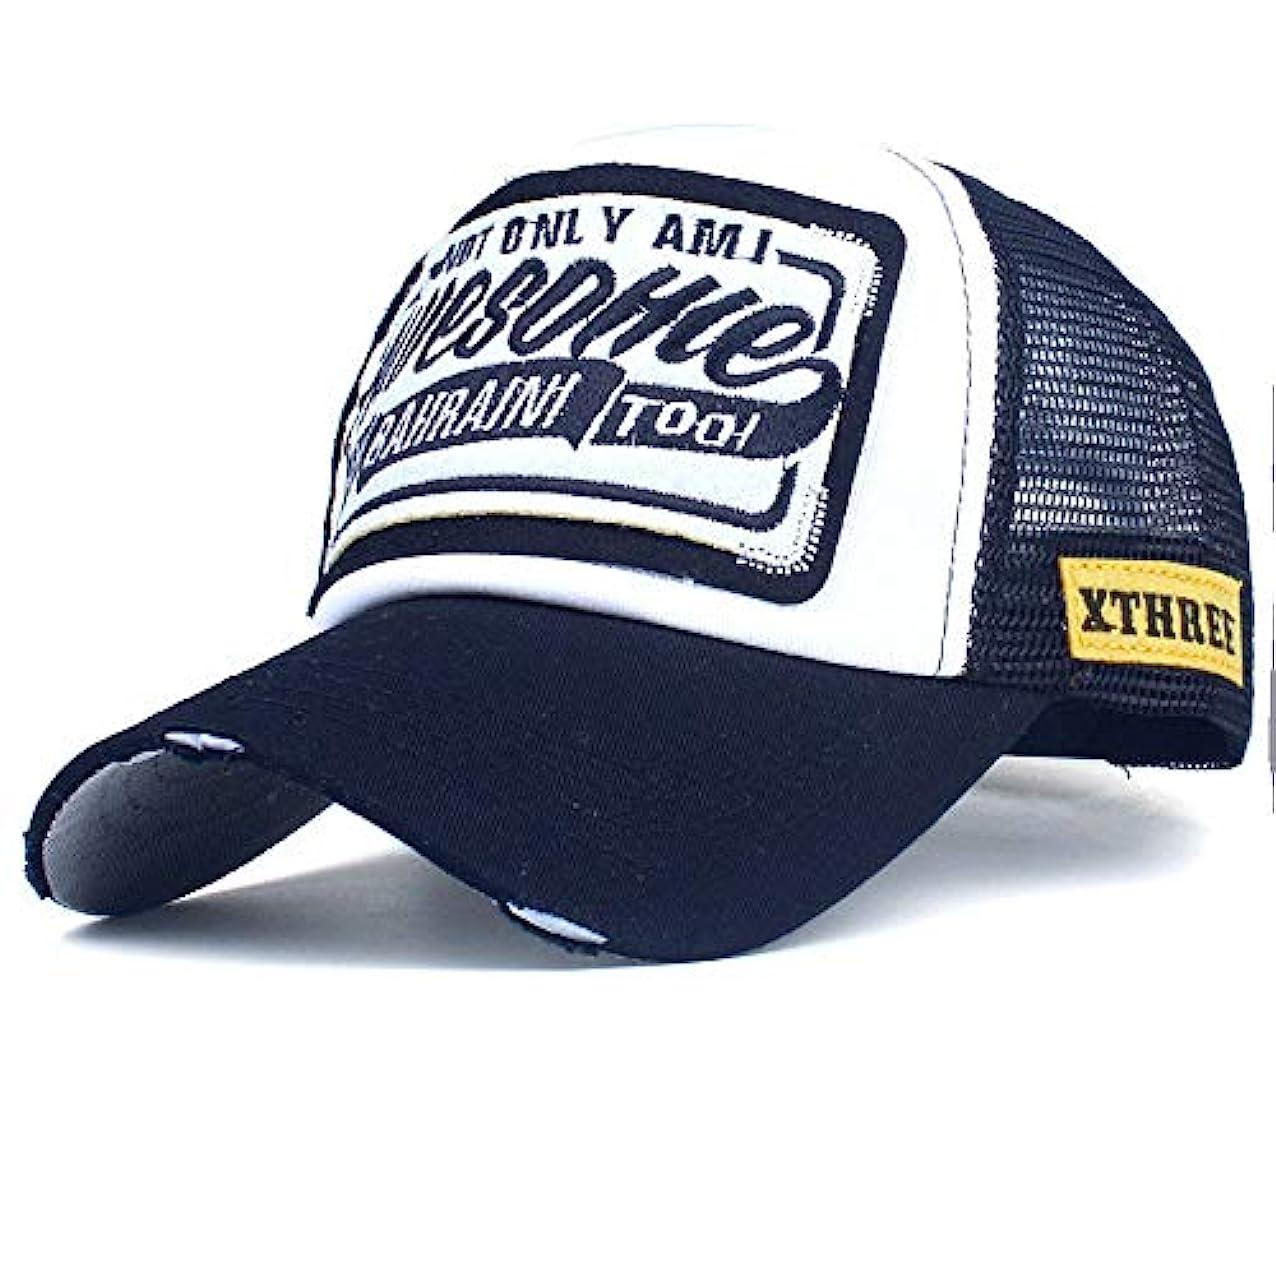 ネズミ下クリックRacazing カモフラージュ 野球帽 ヒップホップ メンズ 夏 登山 帽子 迷彩 可調整可能 プラスベルベット 棒球帽 UV 帽子 UVカット軽量 屋外 Unisex 鸭舌帽 Hat Cap